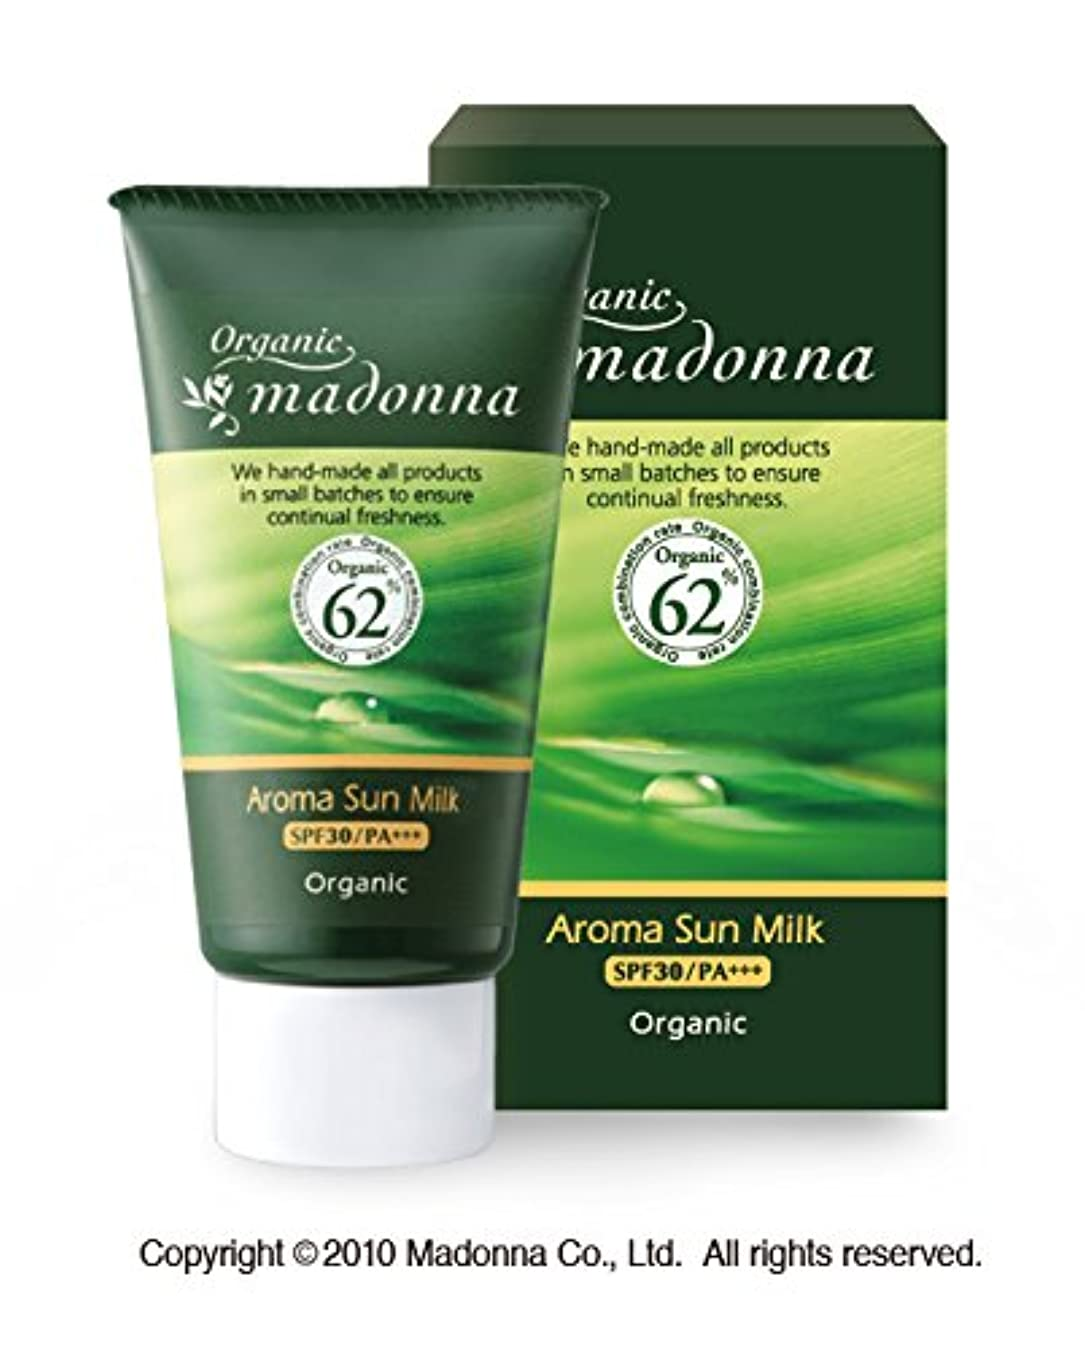 議題ティーンエイジャー兄弟愛オーガニックマドンナ アロマサンミルク45g(SPF30/PA+++)<オーガニック62%配合>